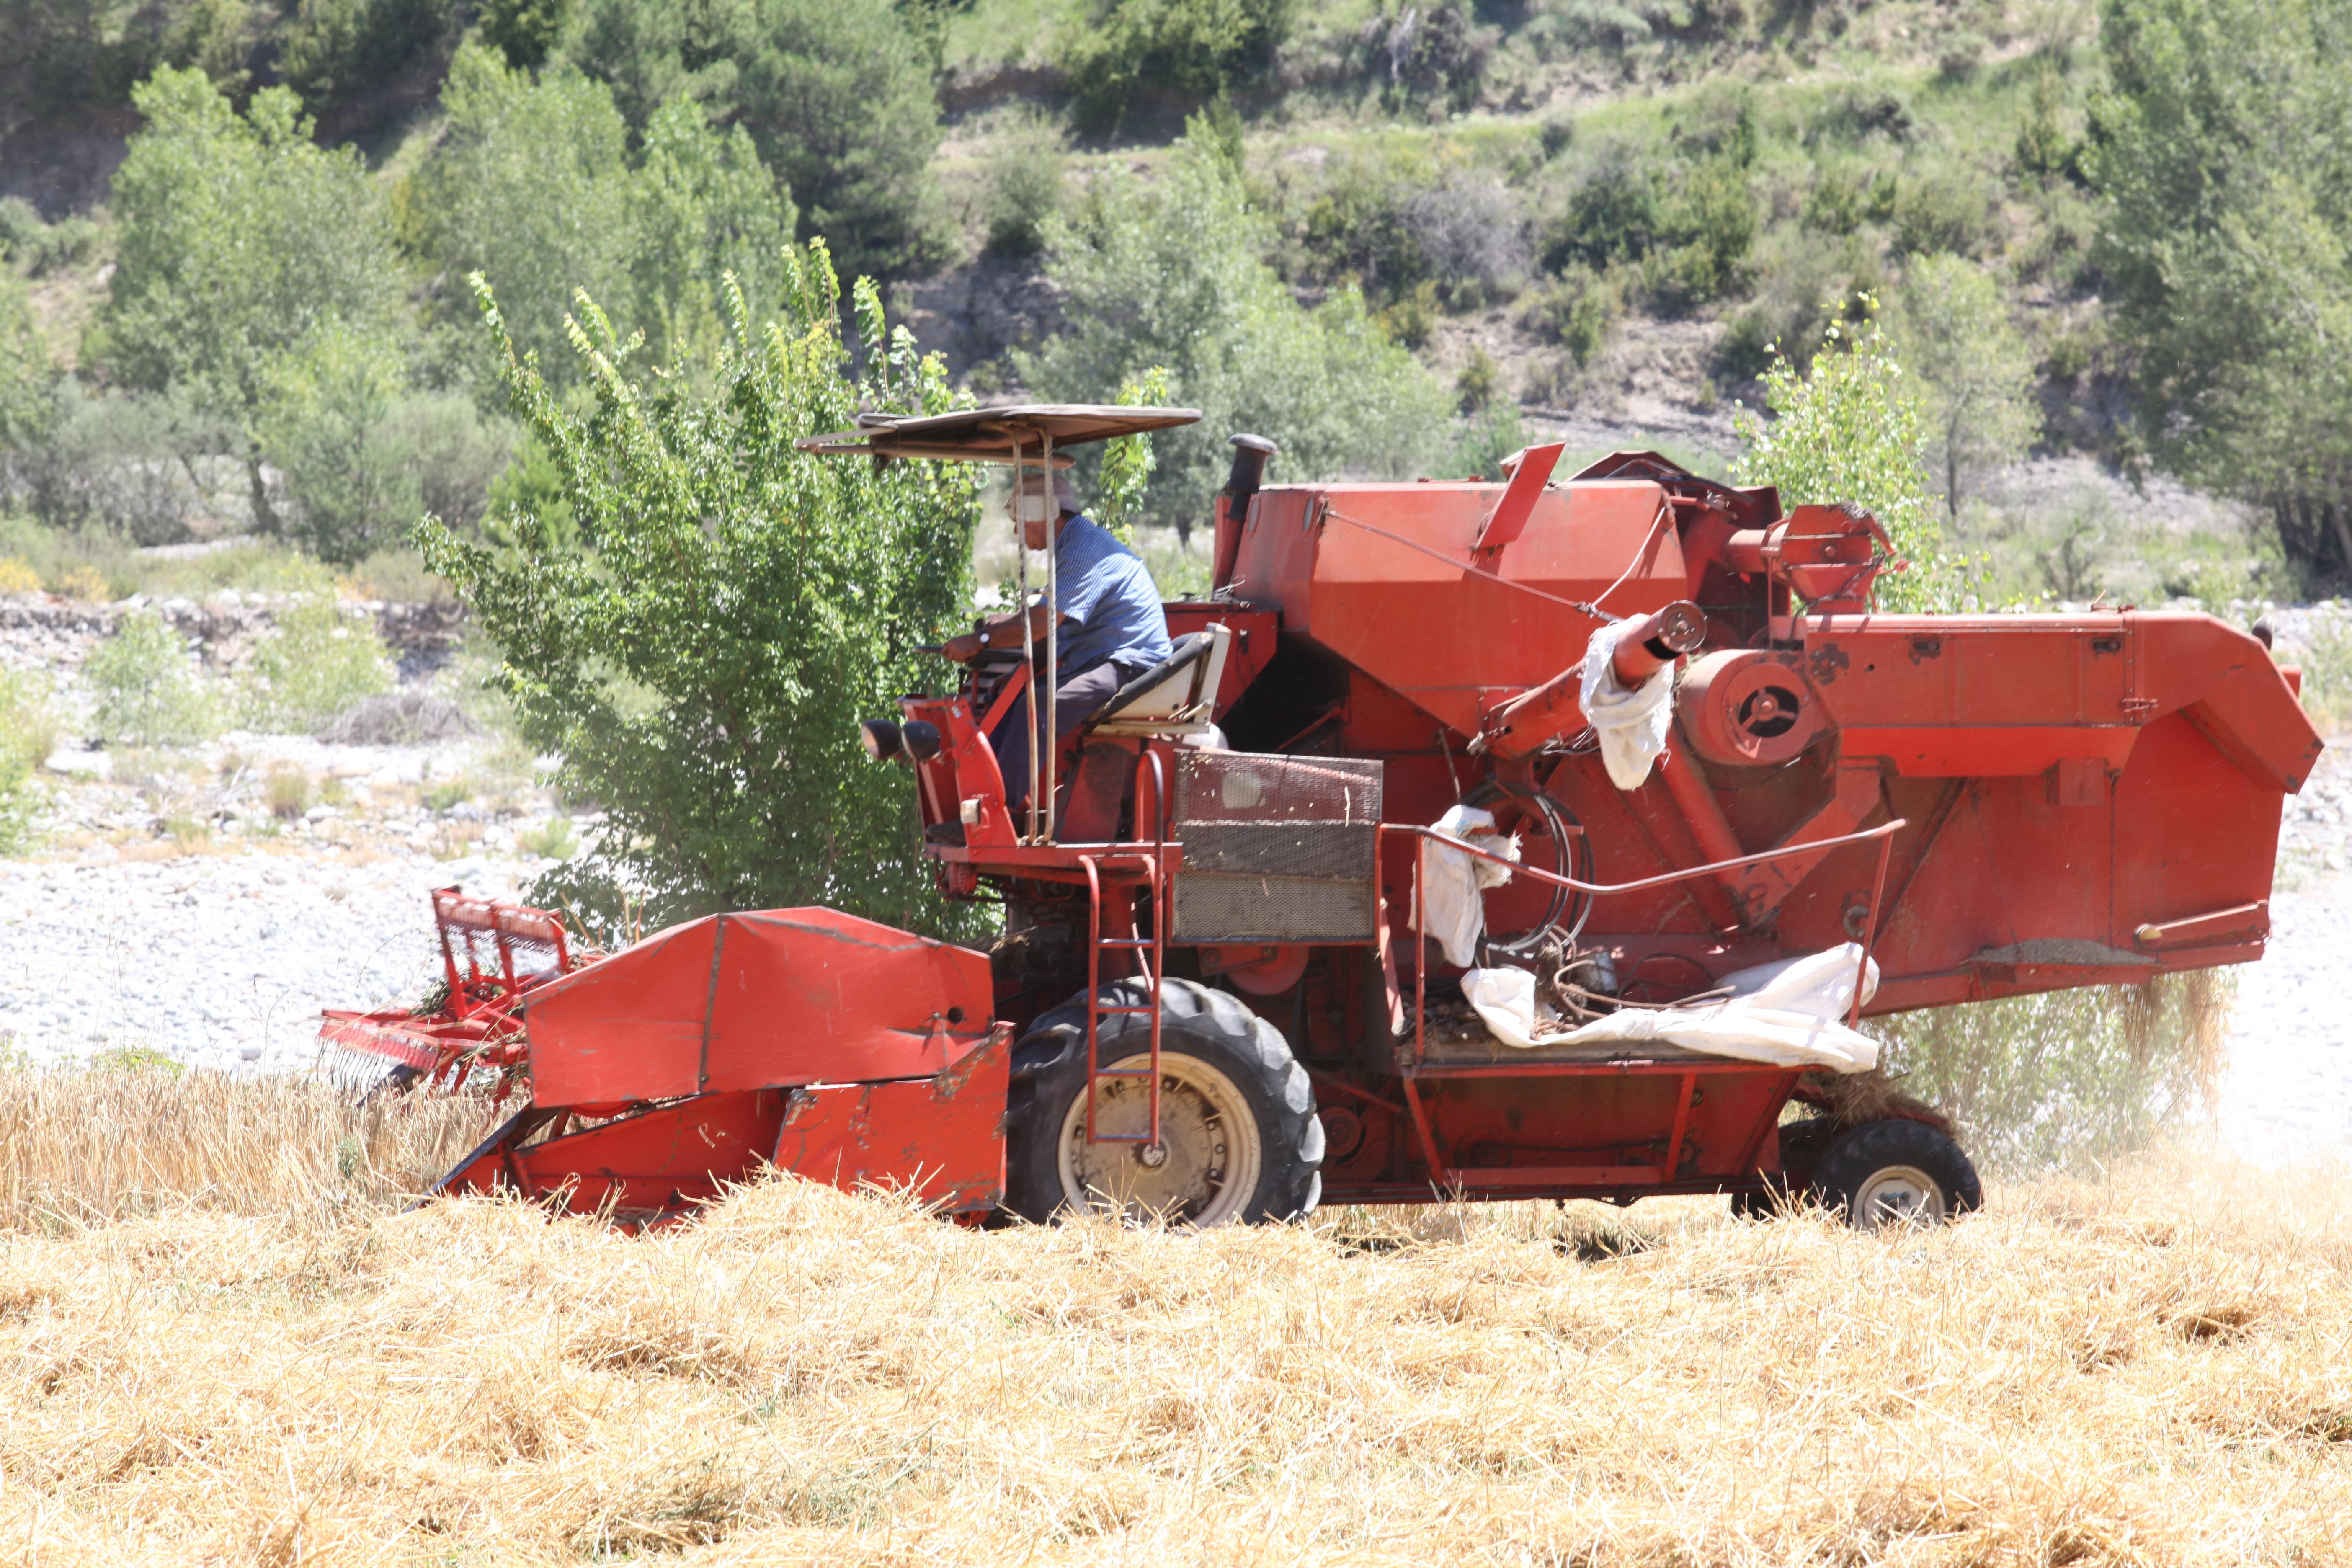 File:Red combine harvester 1.jpg